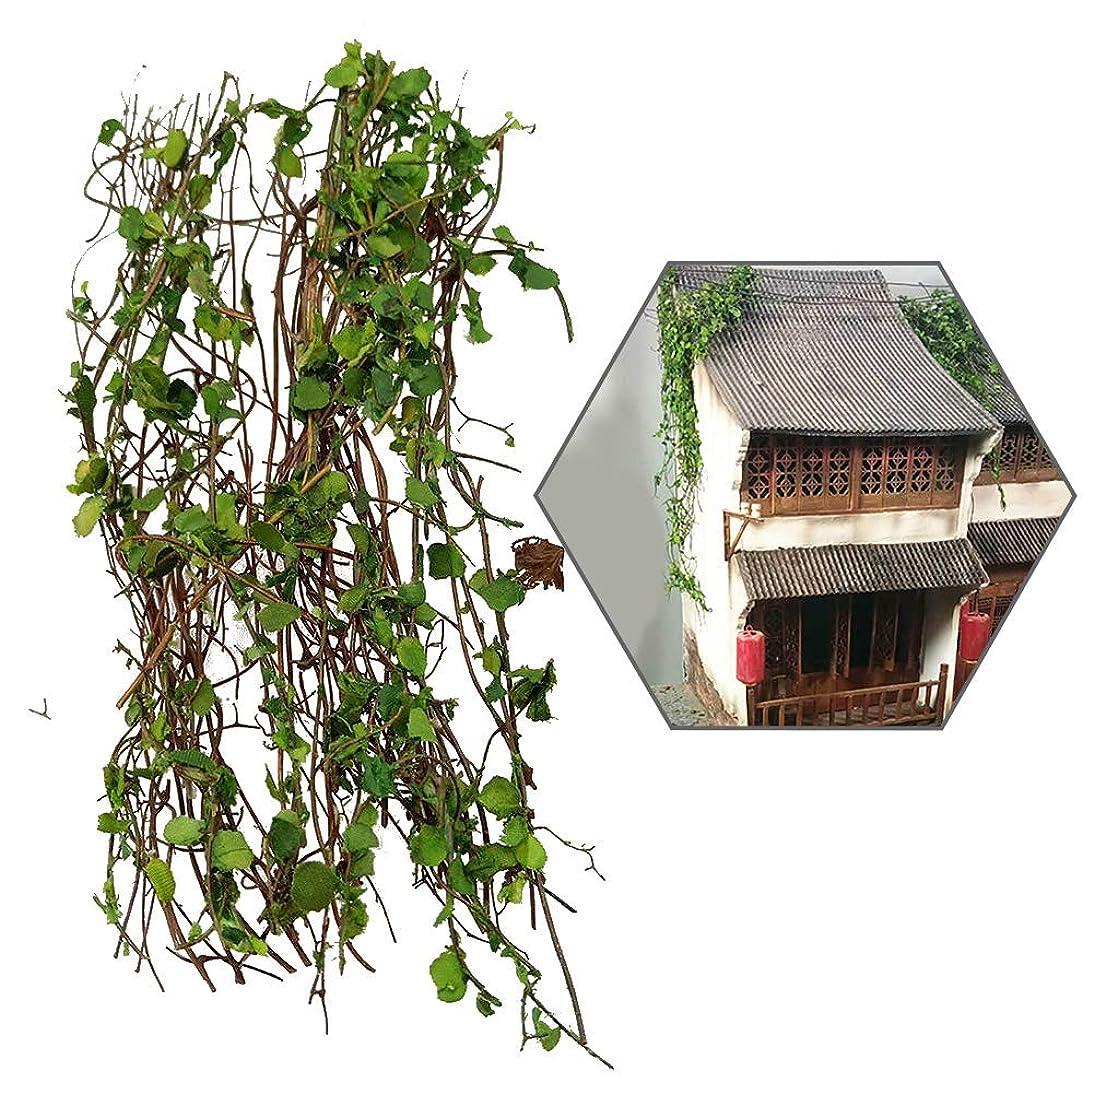 ちっちゃい森林ジョガーフェイクグリーン 人工観葉植物 造花 藤 壁掛け 枯れない植物 情景コレクション 風景 箱庭 鉄道模型 建物模型 ジオラマ PJ02-1JP